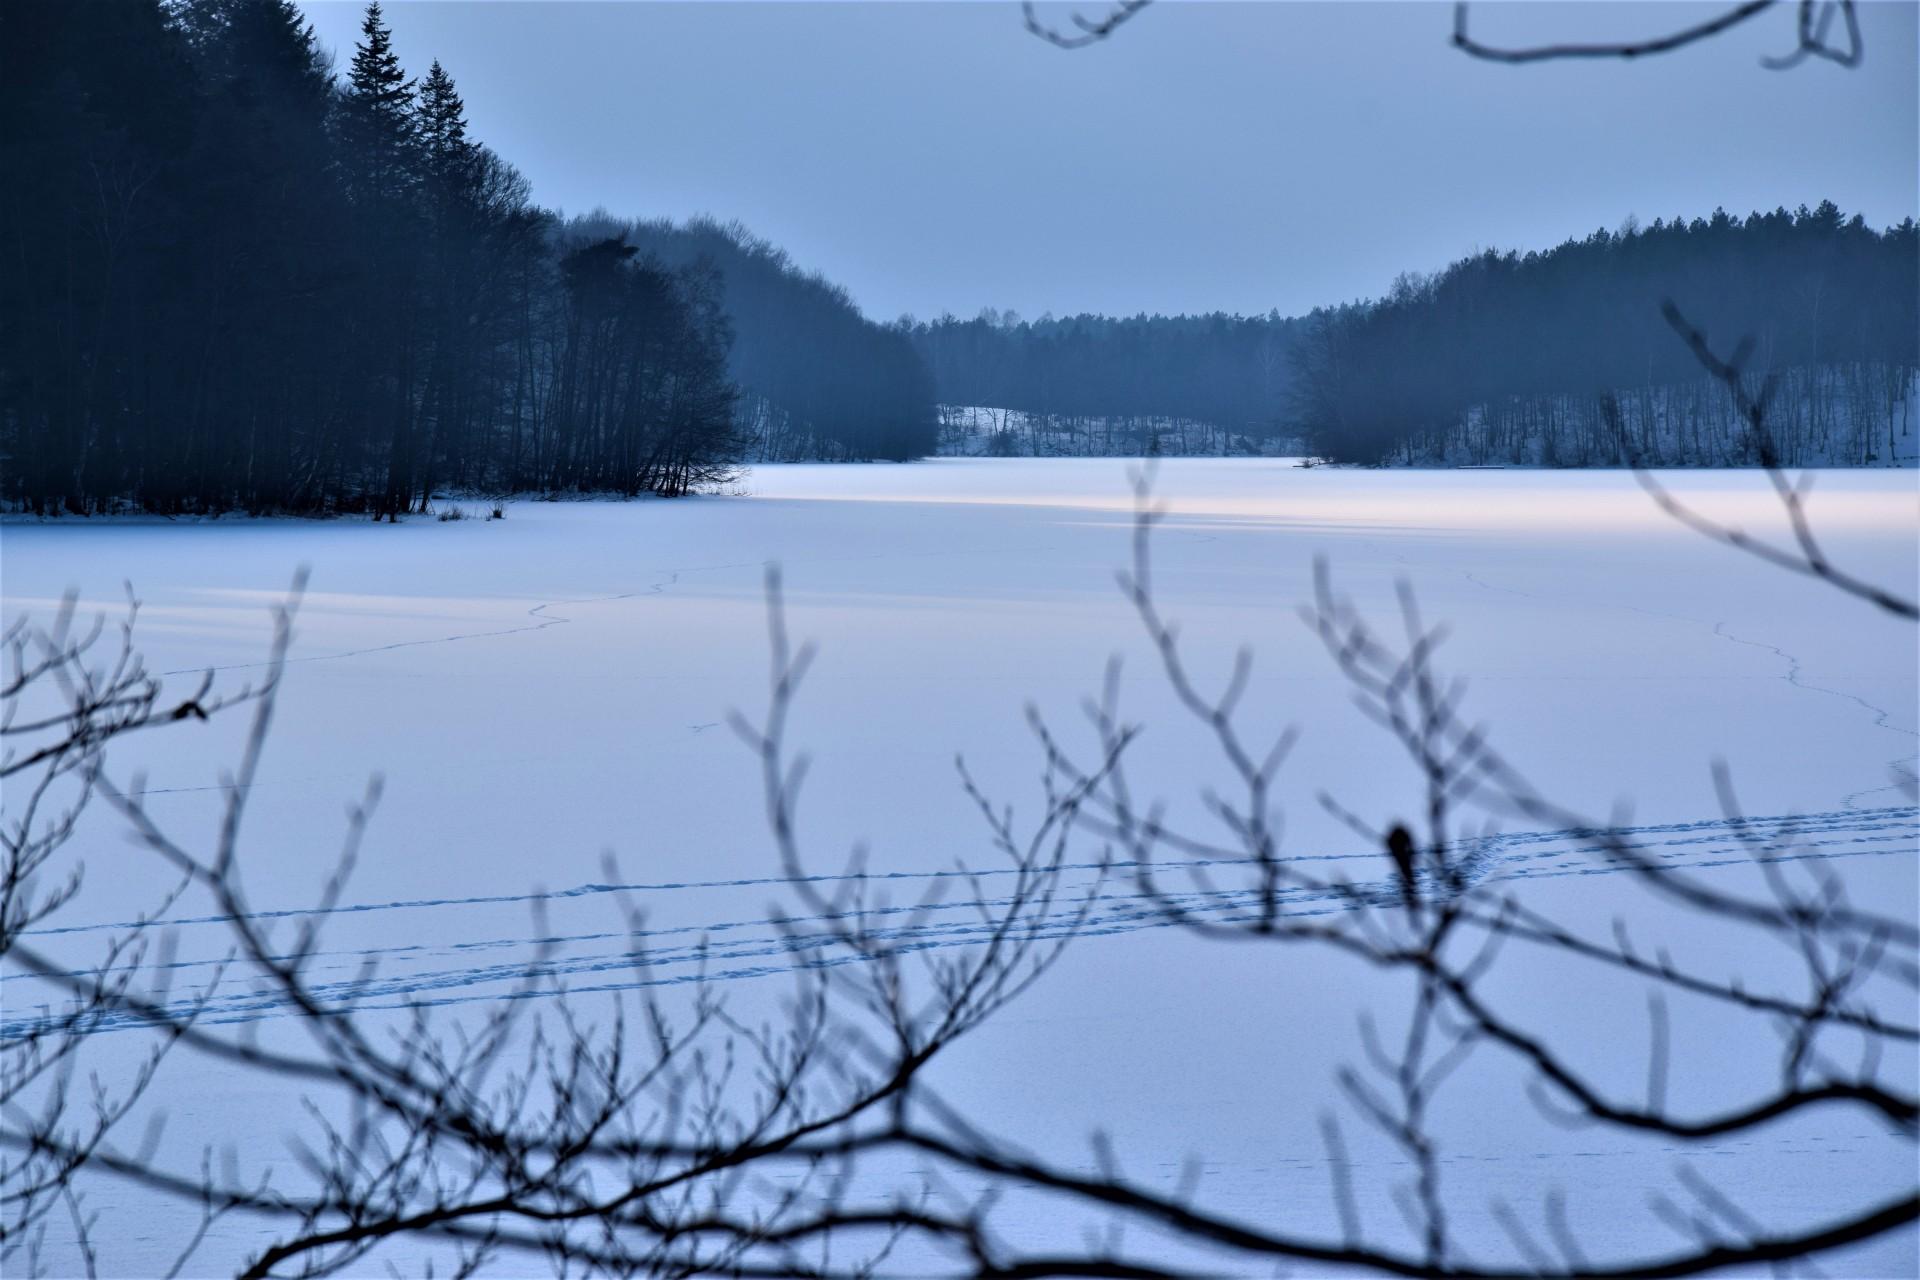 Lasy Mirachowskie zimą czyli Buschcraft w wersji light 5